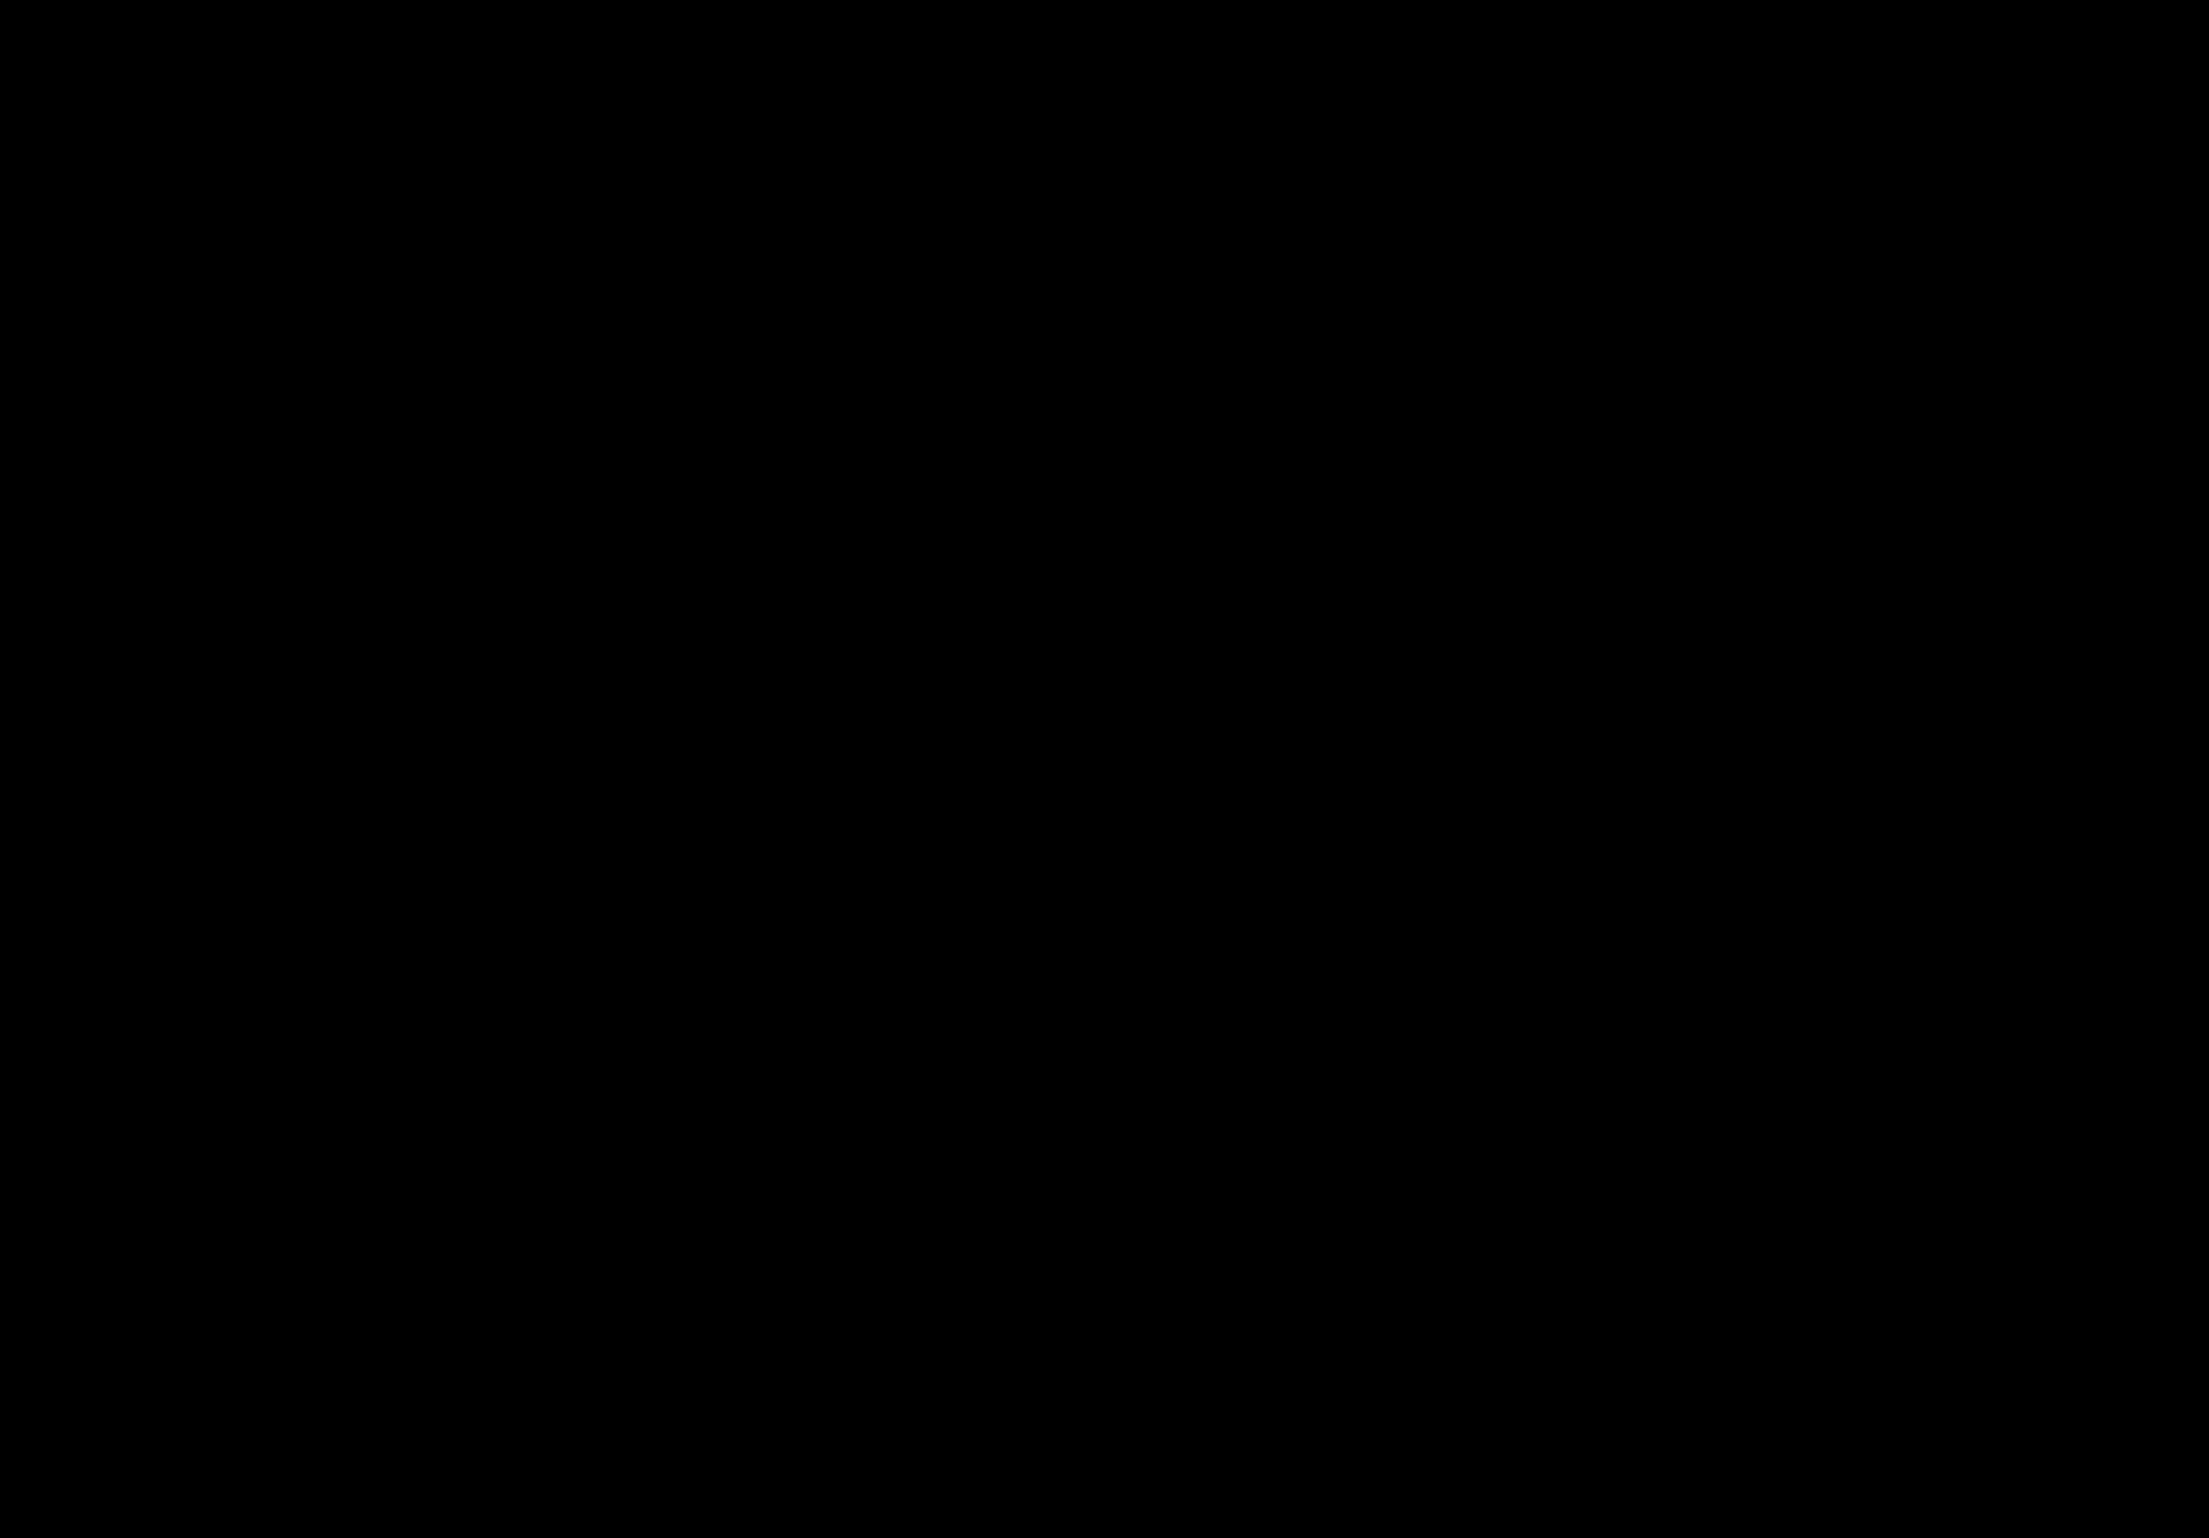 Logo trumpet clip art. Clipart bread silhouette